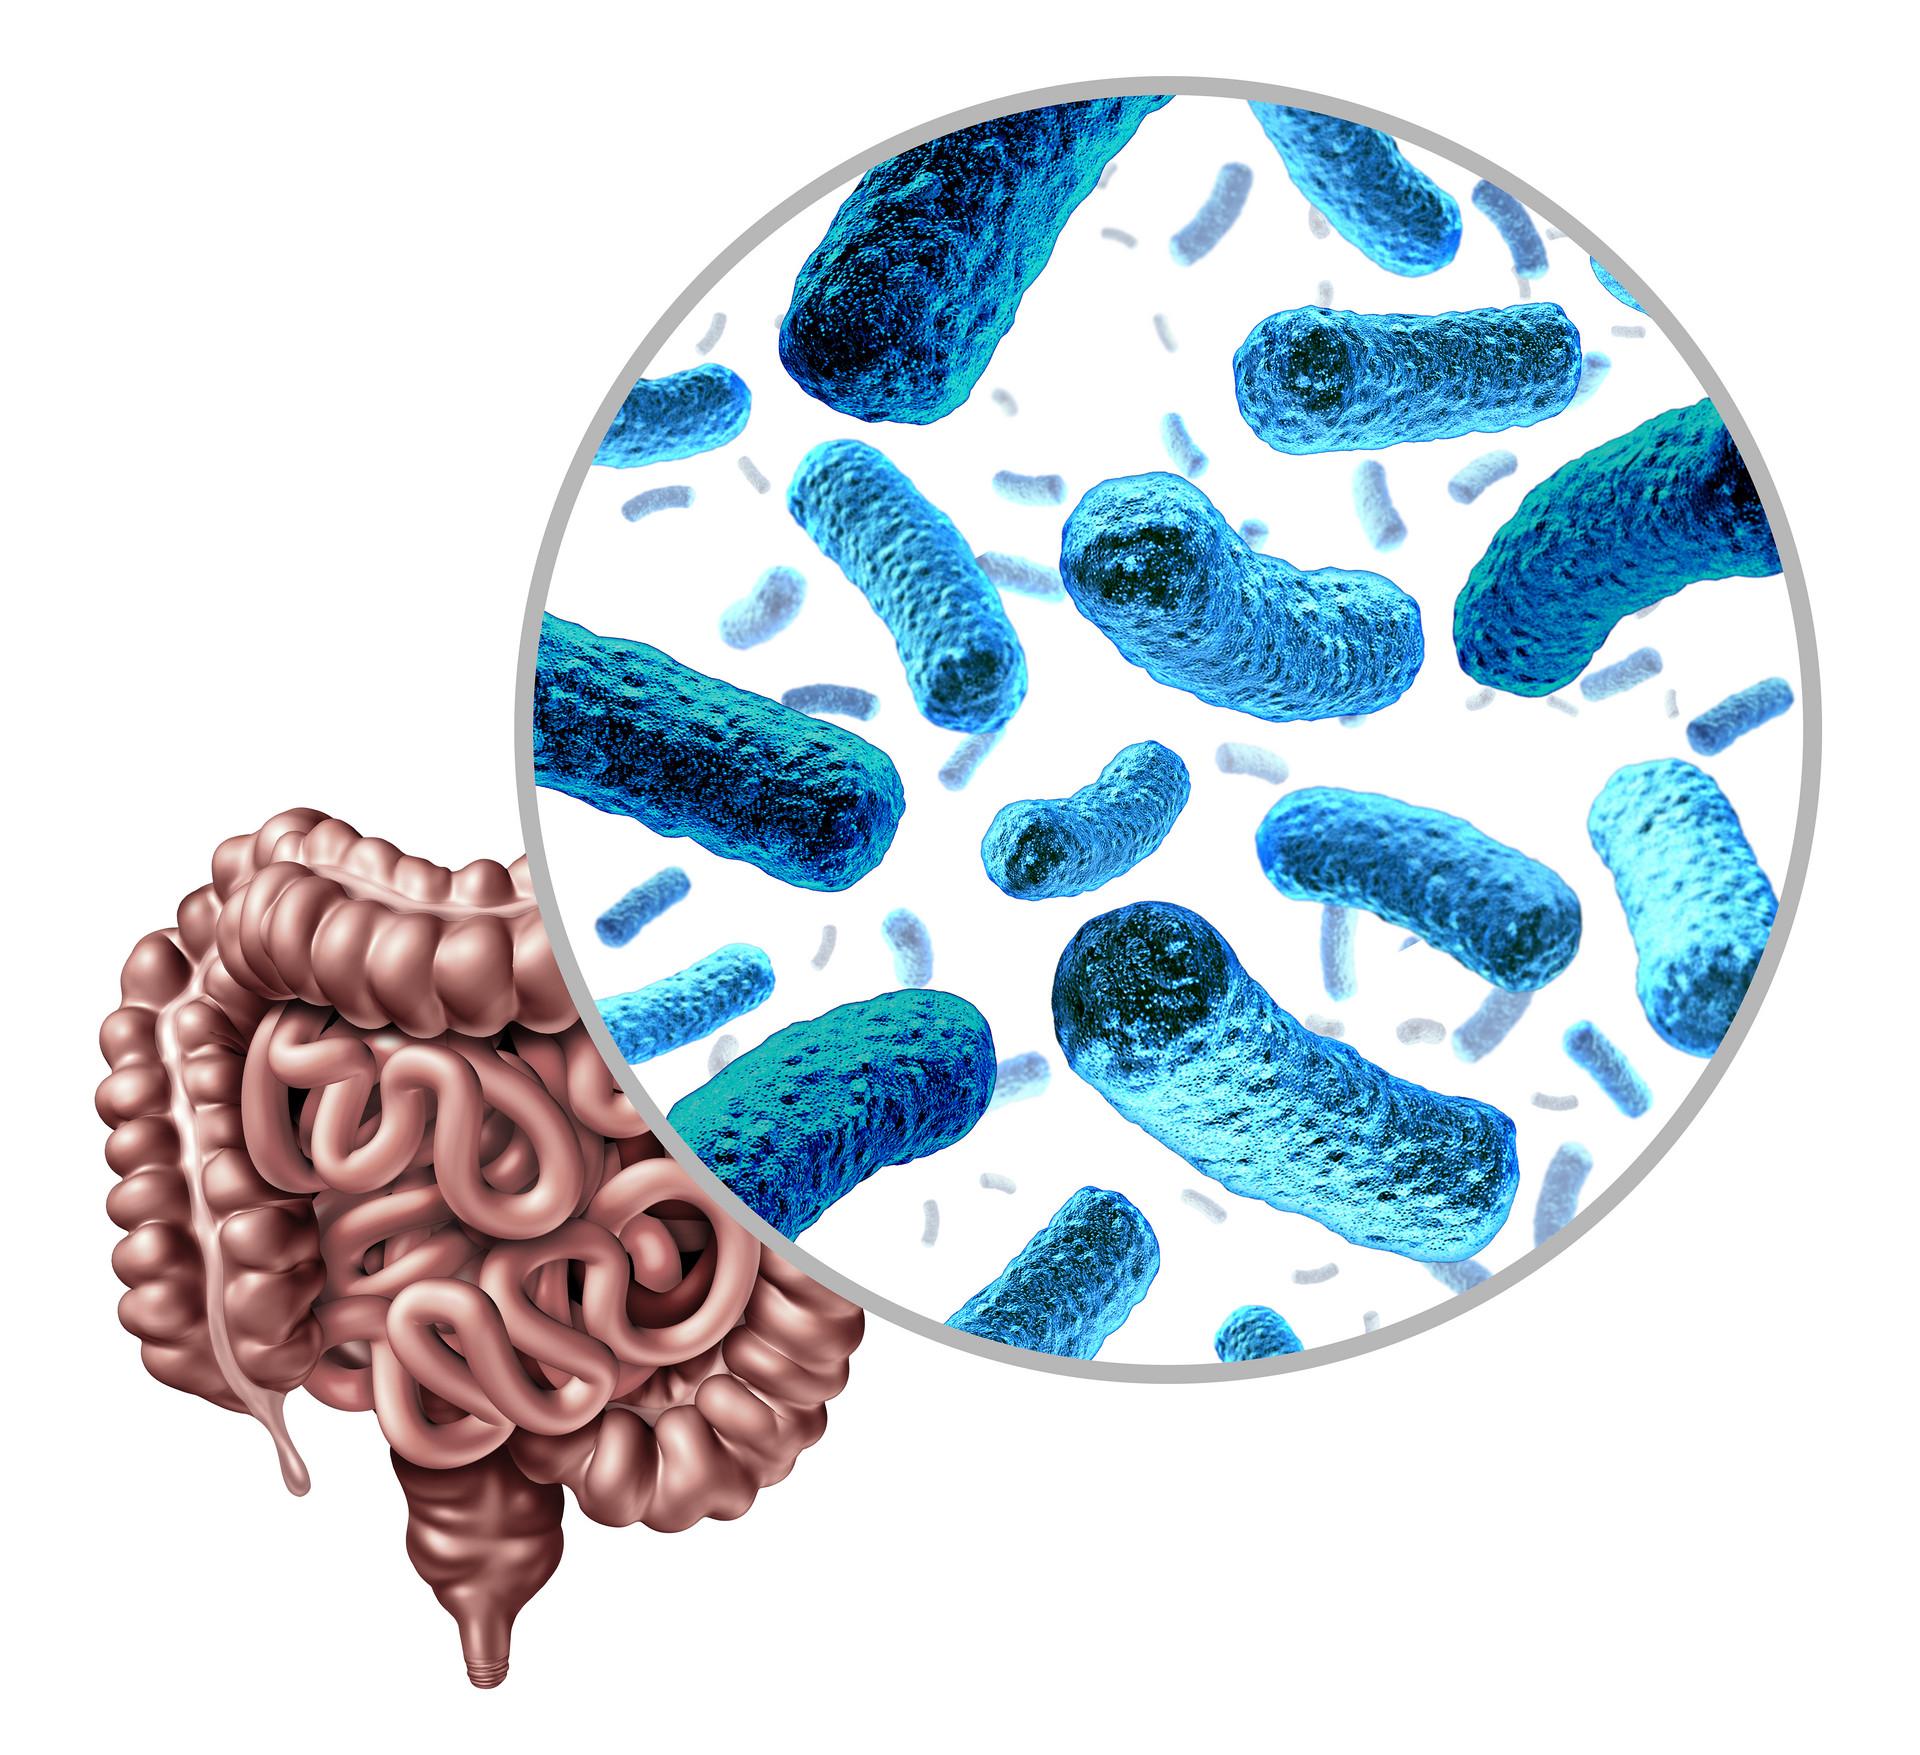 益生菌怎么吃效果好?吃益生菌有什么注意事项?1